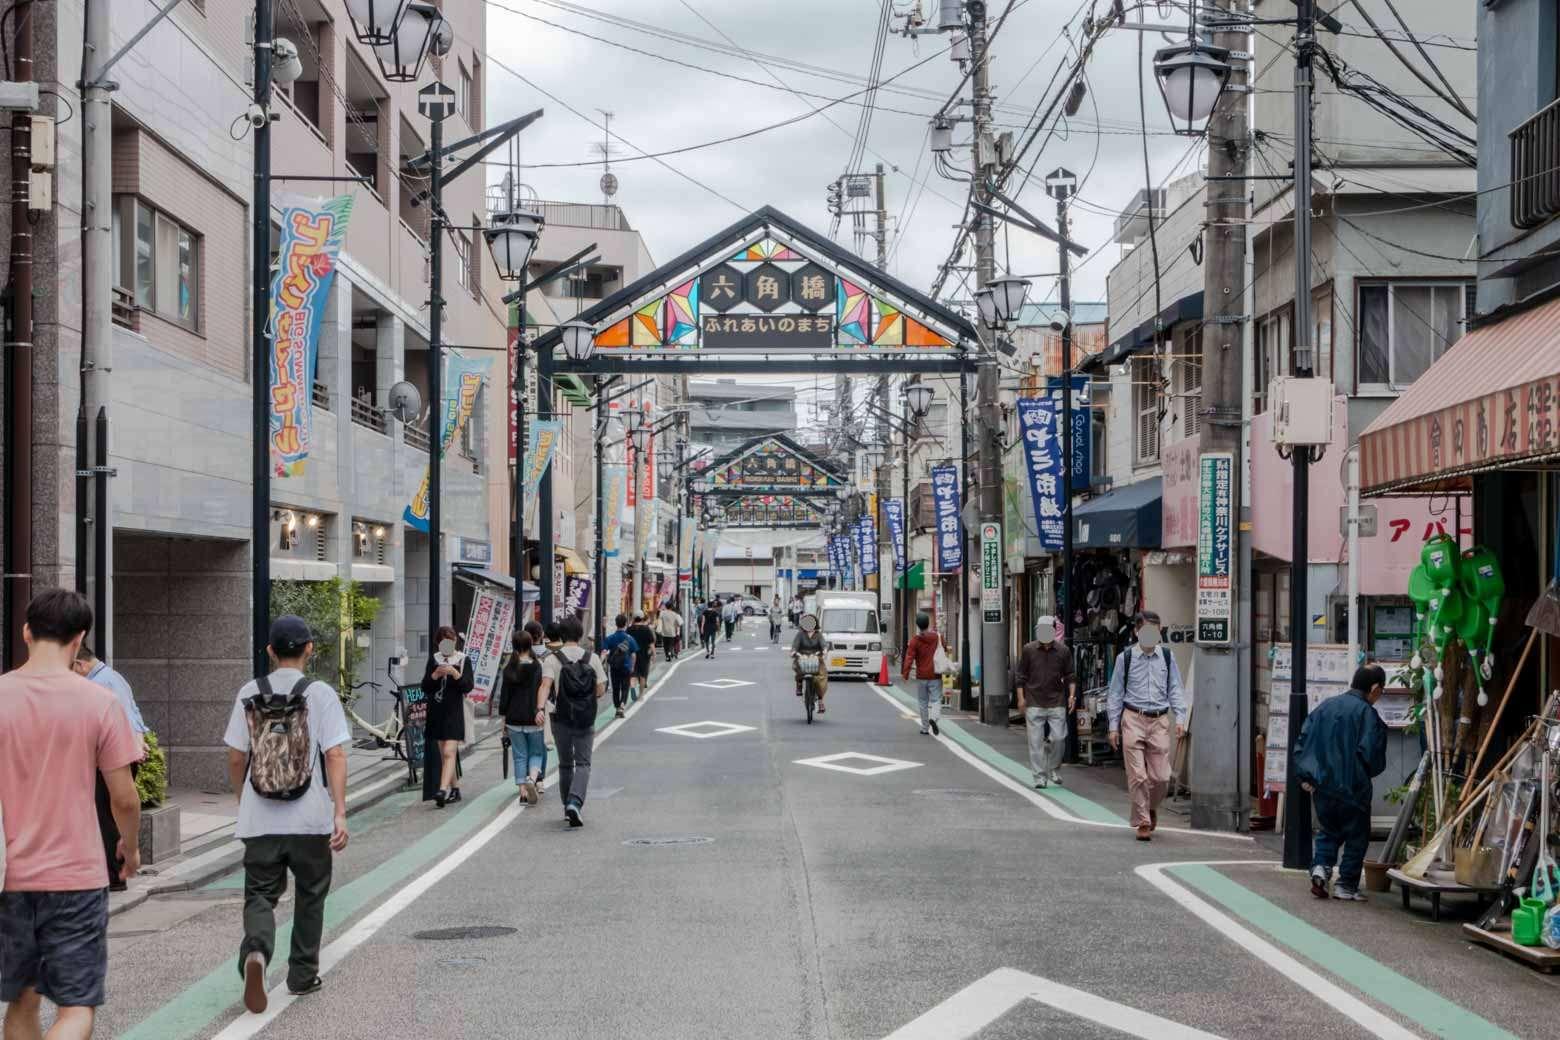 だいぶ端のほうに来ました。この道を進んで行くと神奈川大学に到着します。